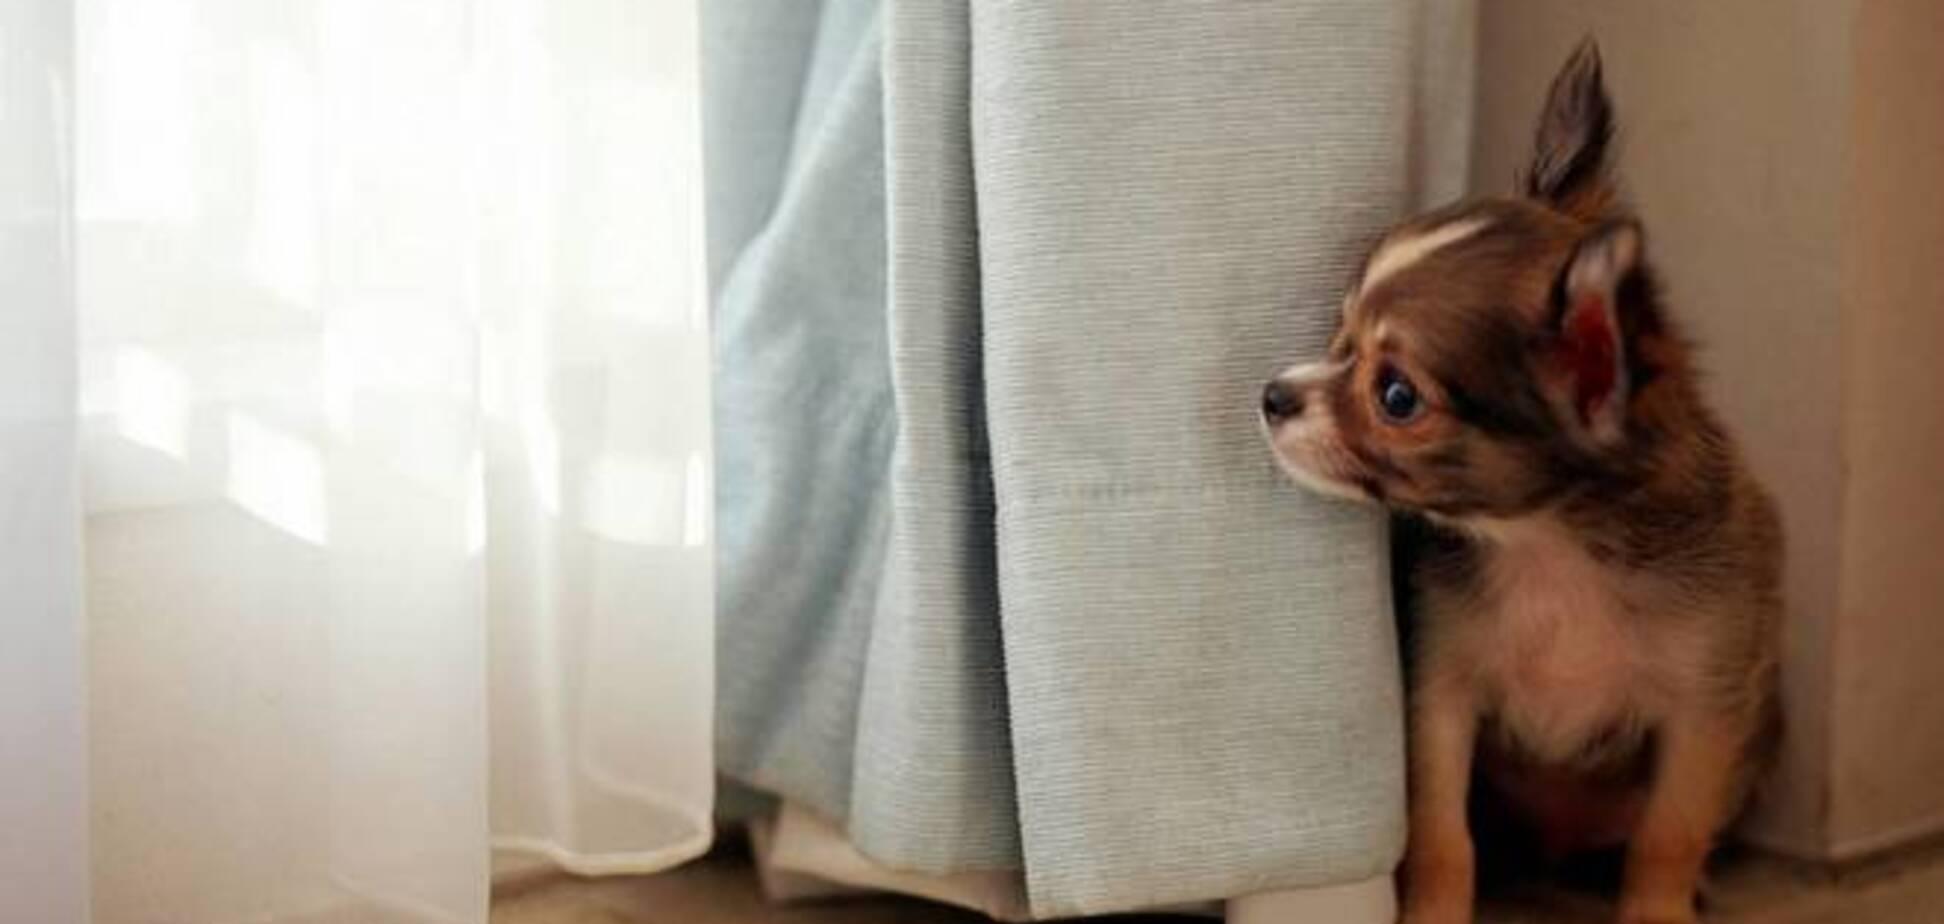 В России задумали брать налог с владельцев собак: содержание кастрированных будет в 10 раз дешевле